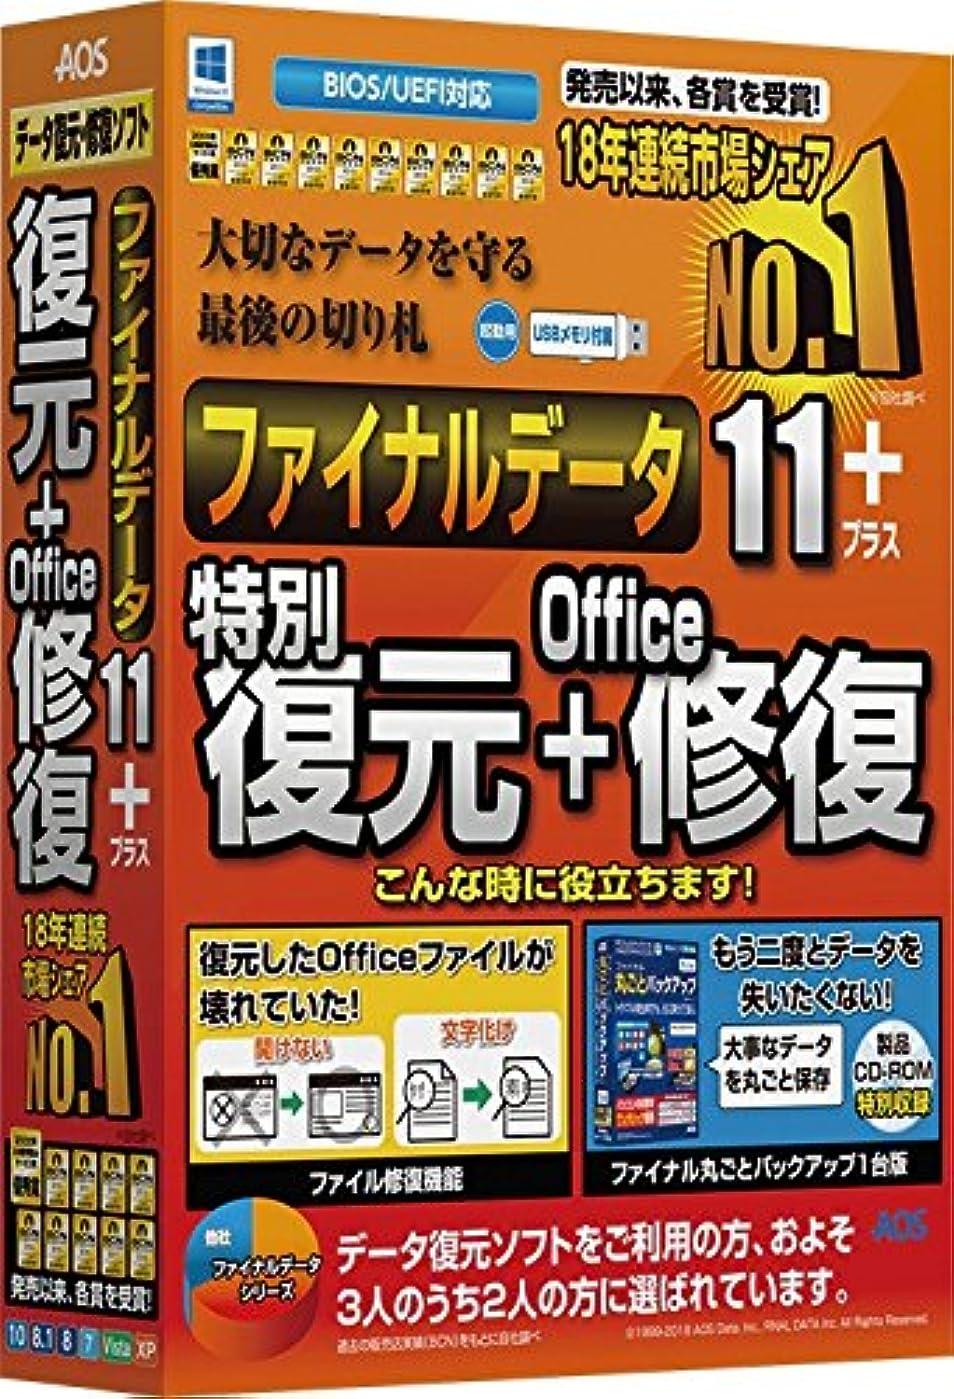 人類アーチ枯れるファイナルデータ11plus 復元+Office修復